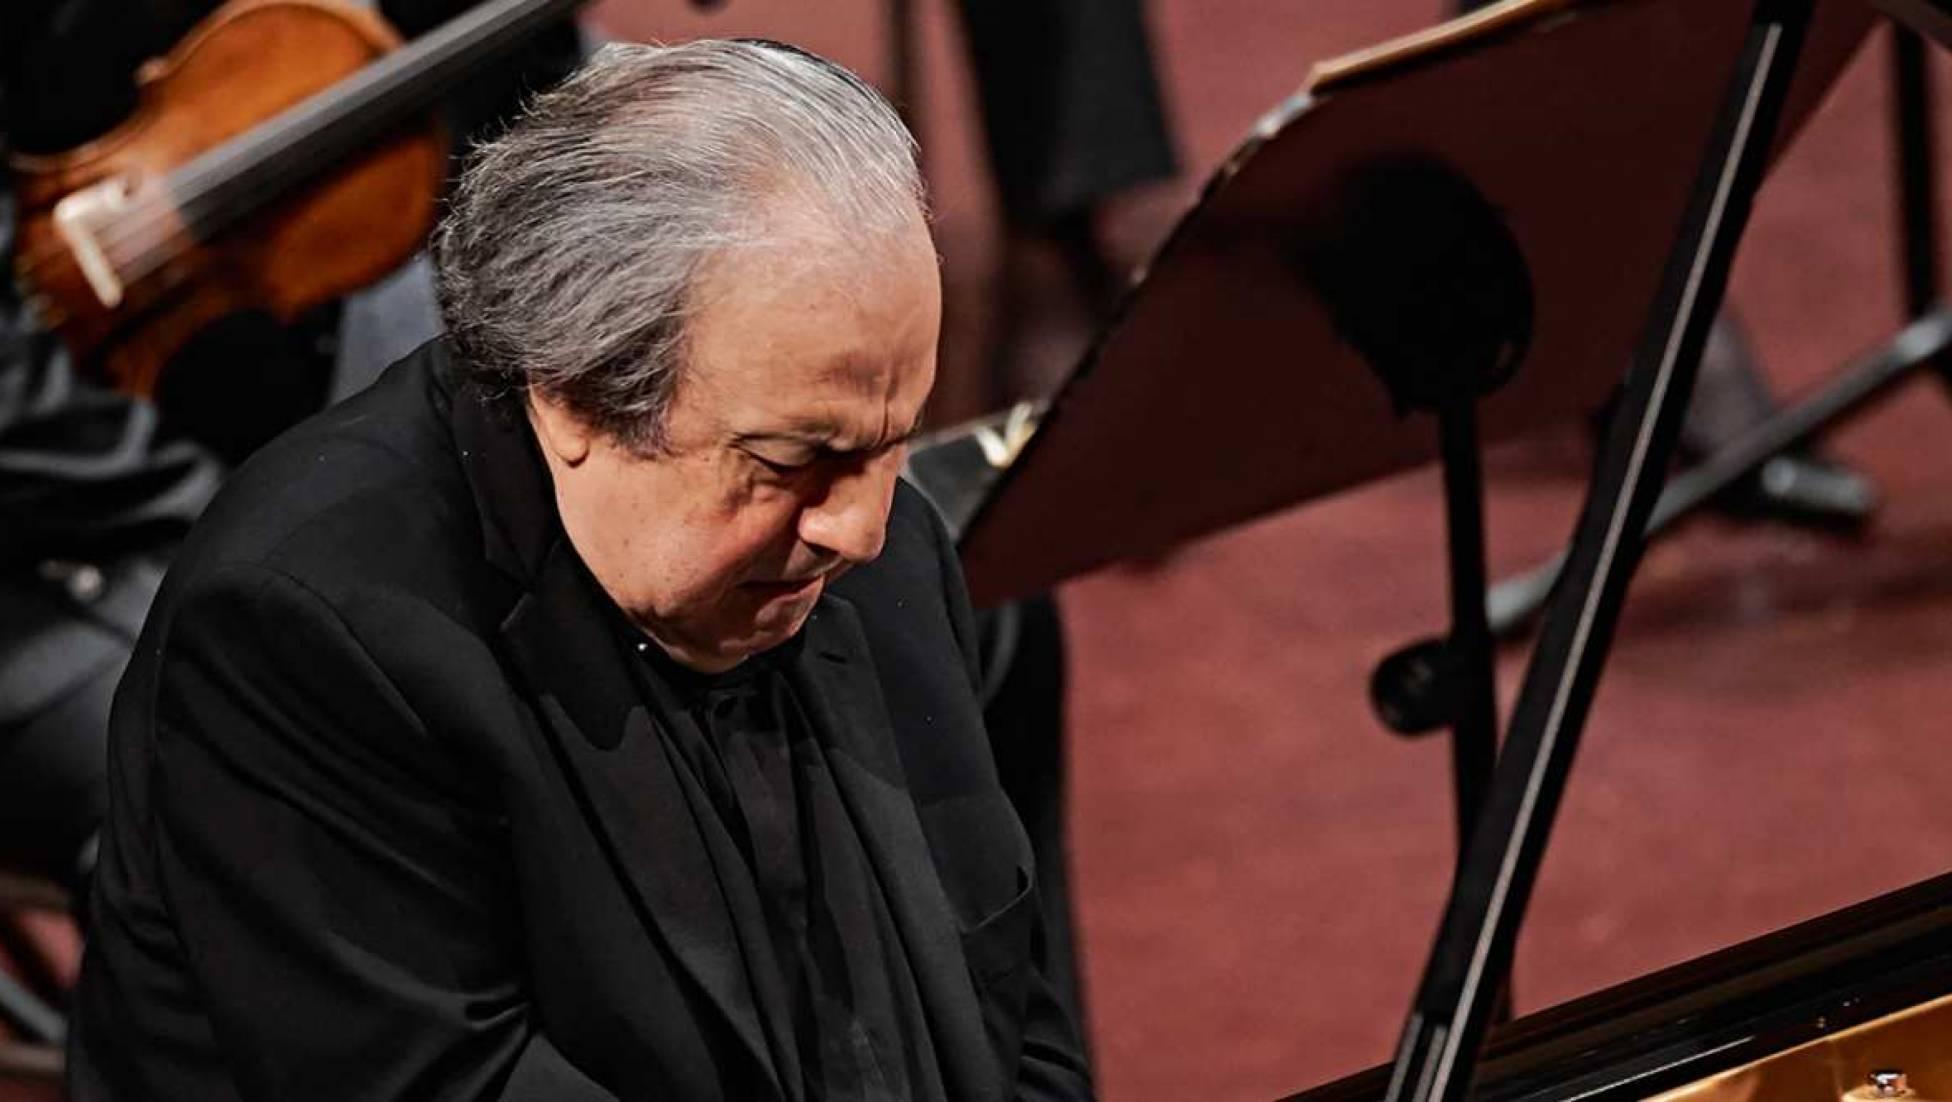 Vriendenrepetitie: Bronfmann speelt Rachmaninoff met het Concertgebouworkest